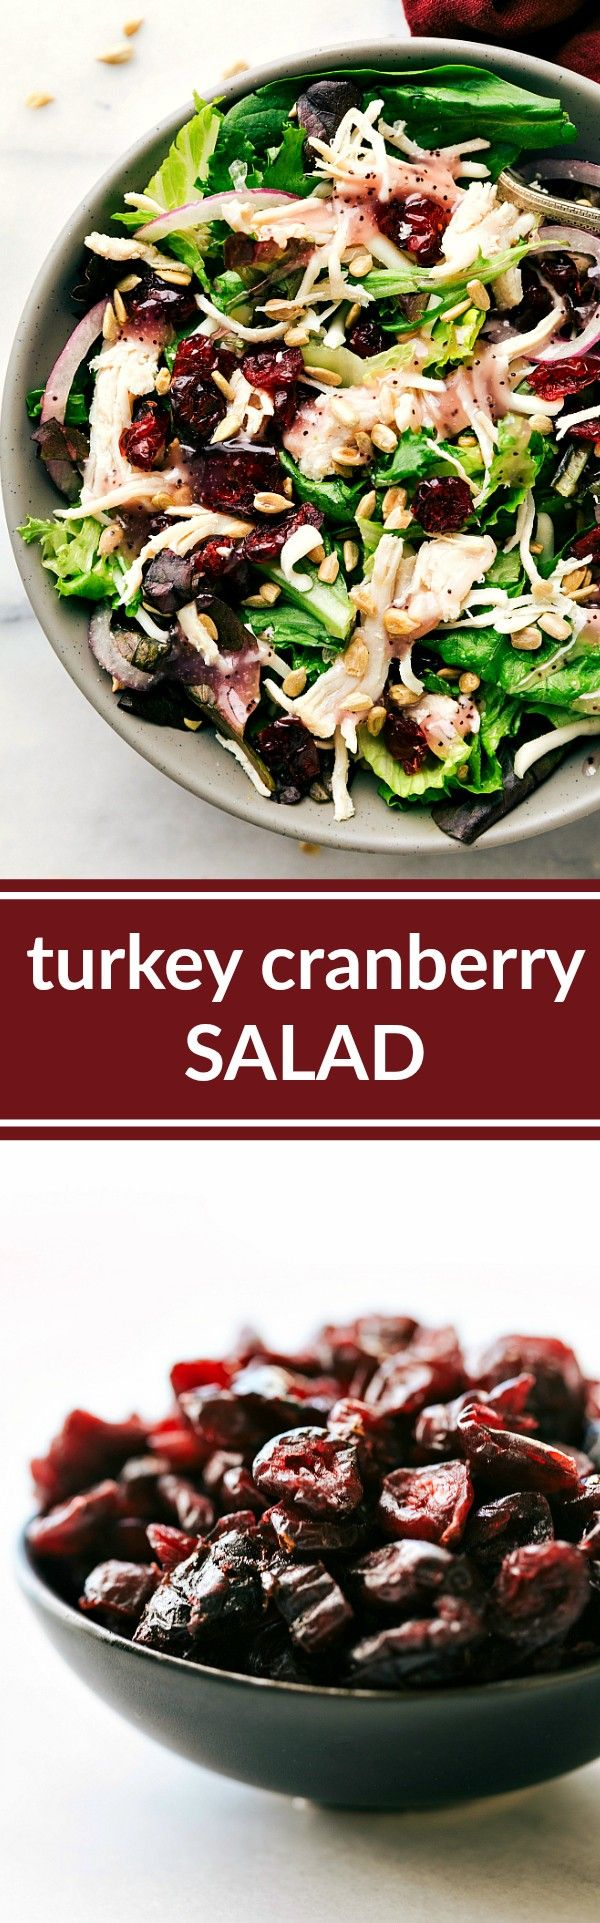 Get the recipe Turkey Cranberry Salad @recipes_to_go